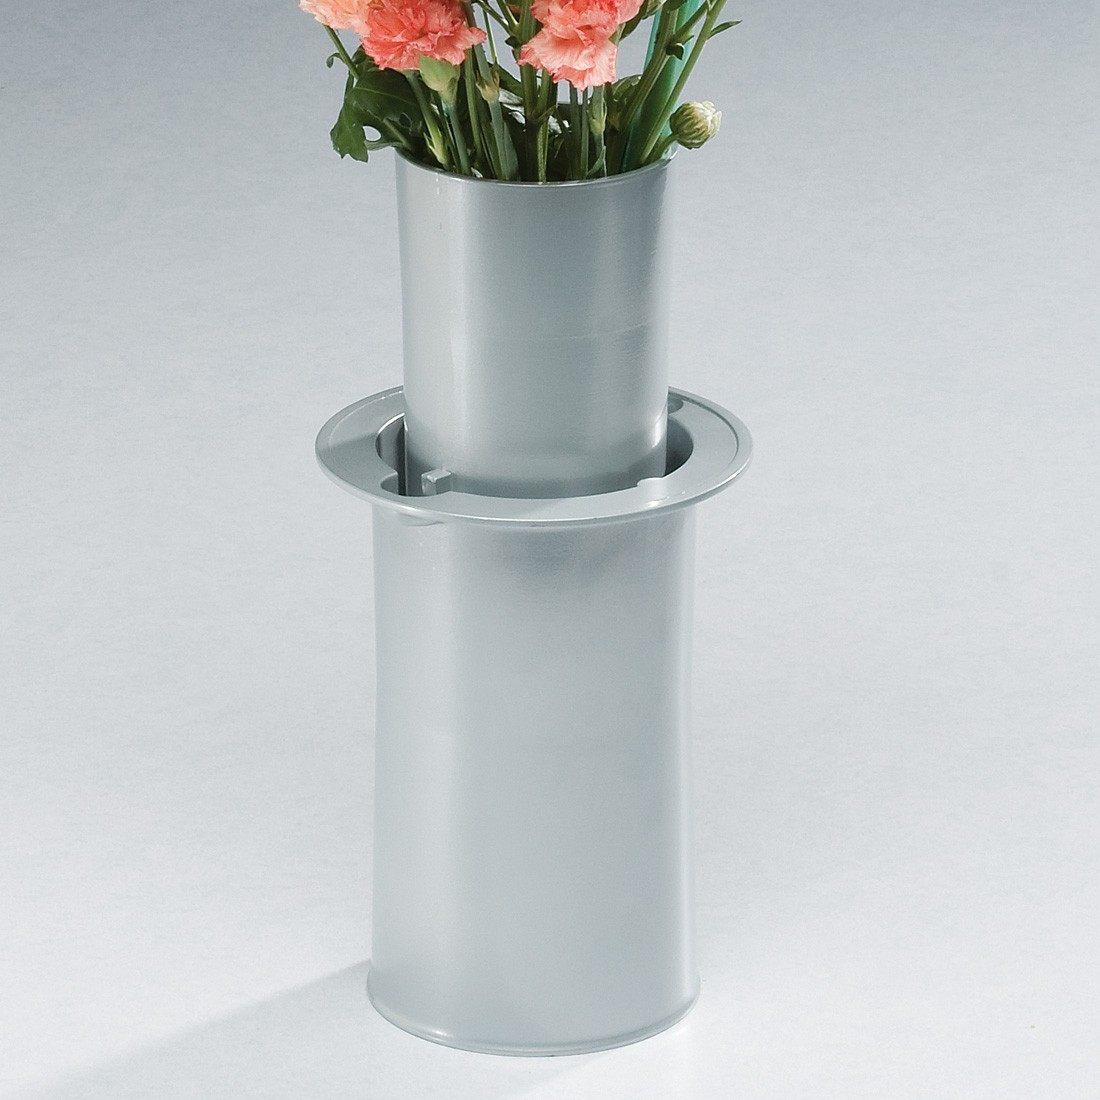 moderne silver cemetery vase. Black Bedroom Furniture Sets. Home Design Ideas